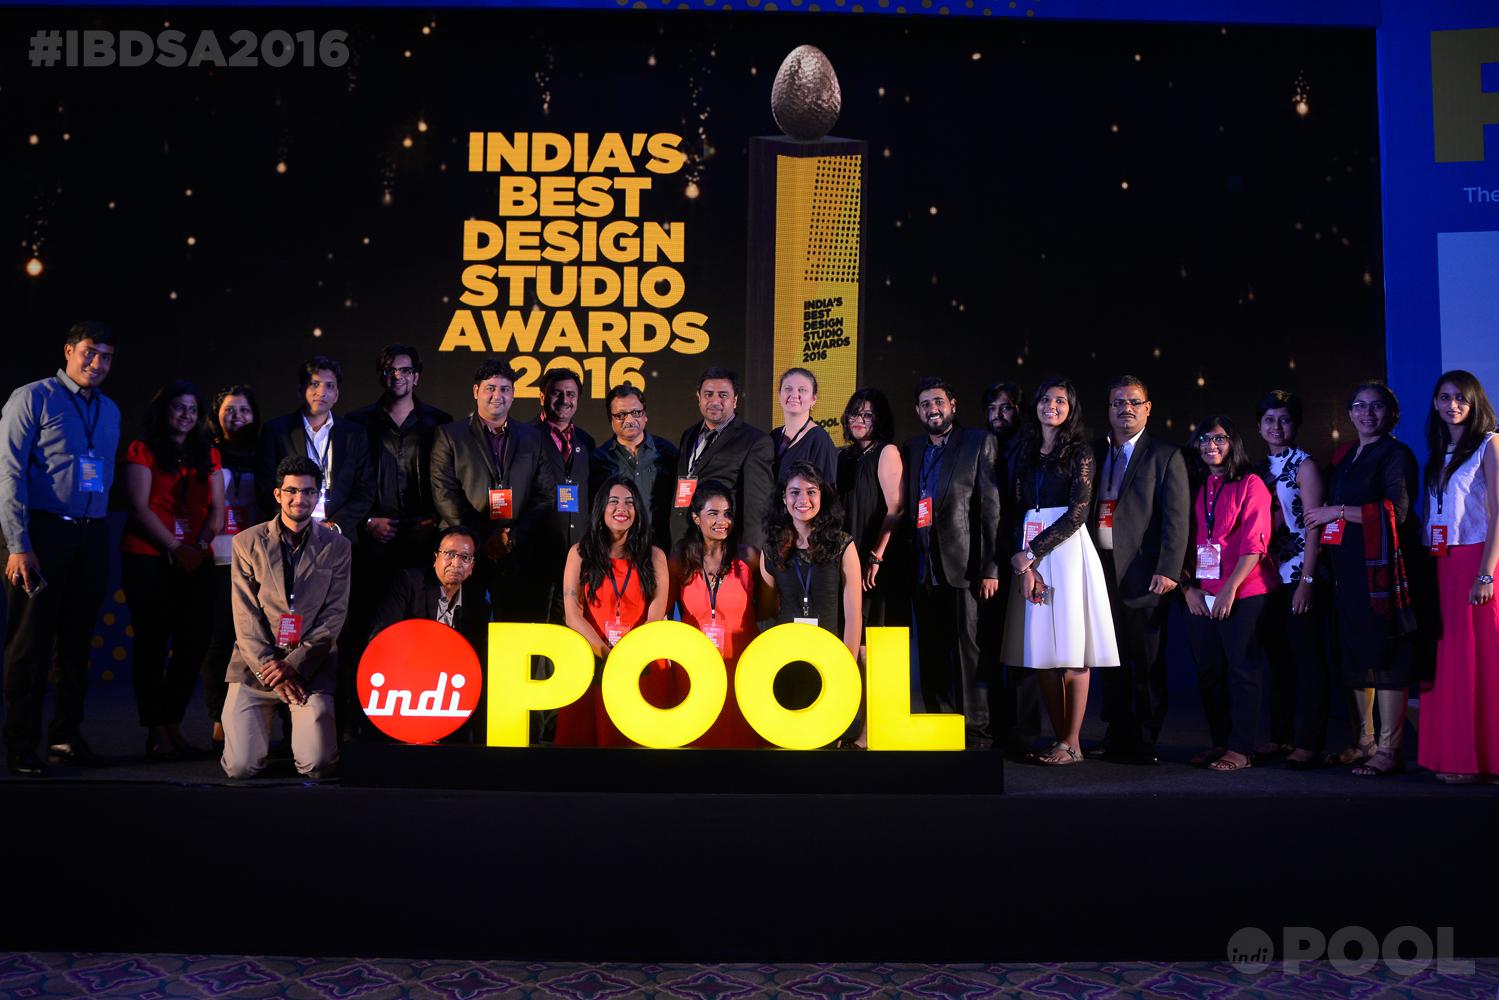 Team Indi Design